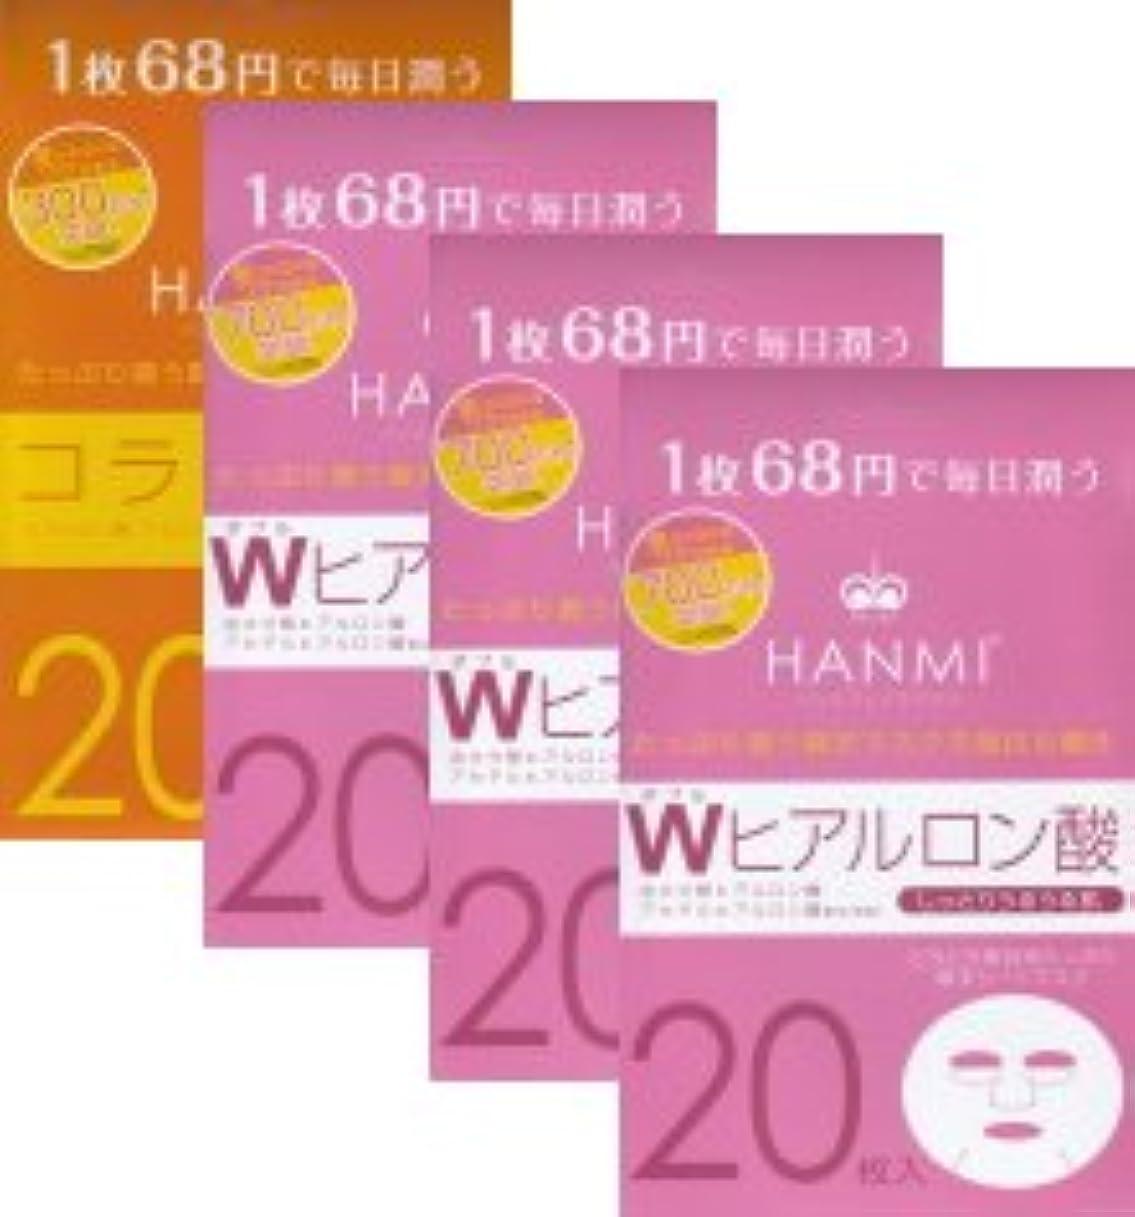 有料切り刻む極小MIGAKI ハンミフェイスマスク(20枚入り)「コラーゲン×1個」「Wヒアルロン酸×3個」の4個セット